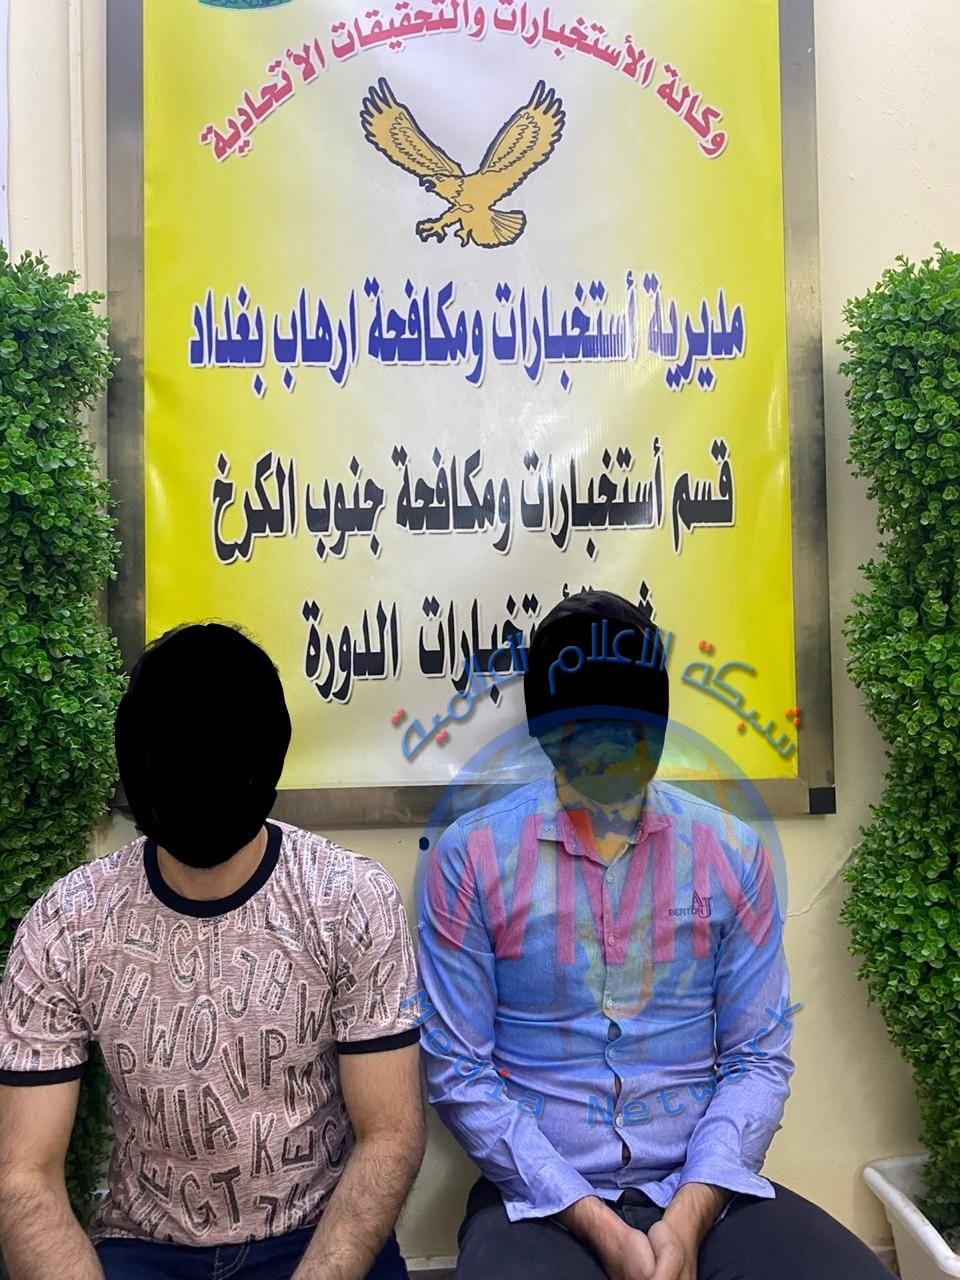 وكالة الاستخبارات : القبض على مسؤول مايسمى جهاز الاستخبارات في ولاية الفلوجة بد١١عش ومعاونة بمحافظة بغداد